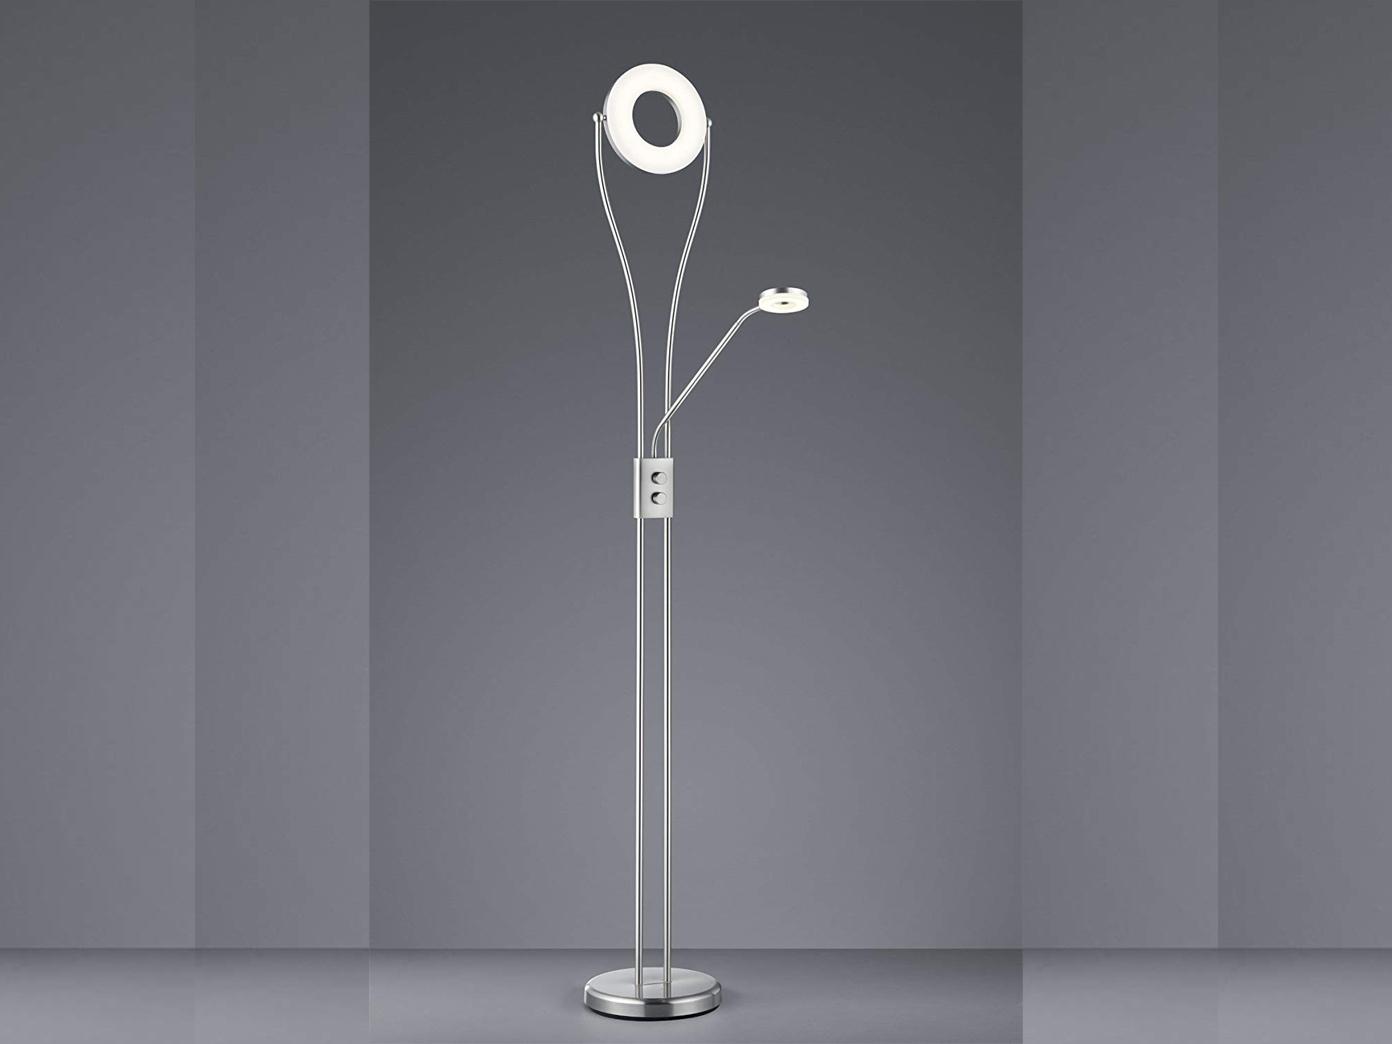 Led Deckenfluter Silber Matt Dimmbar Mit Flex Leselicht Stehleuchte Stehlampe Kaufen Bei Setpoint Deutschland Gmbh